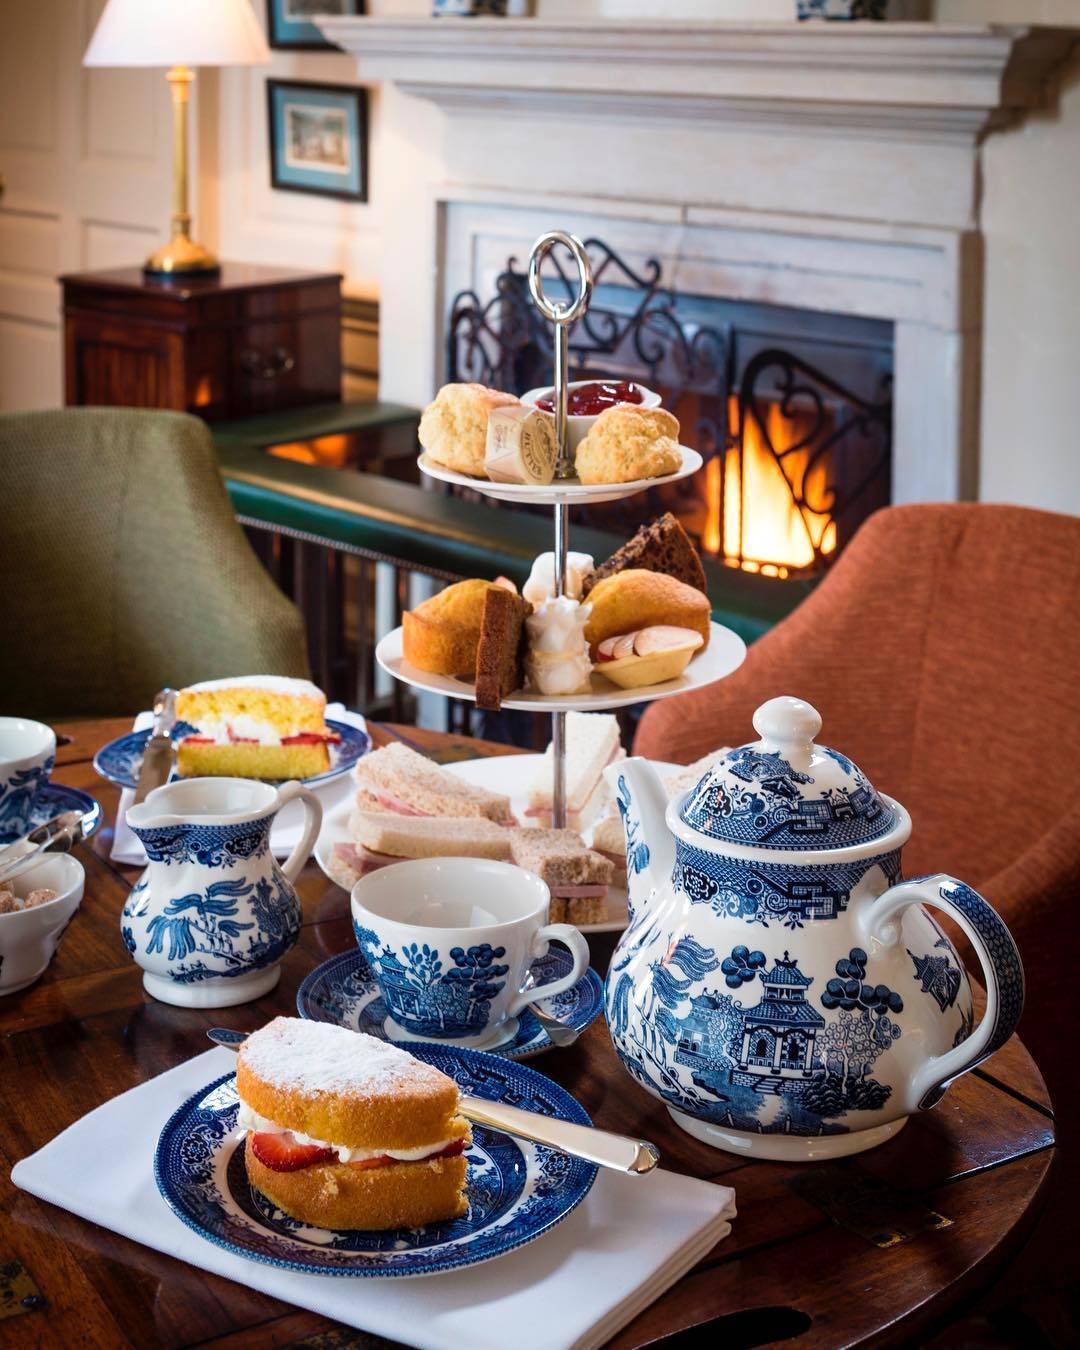 Five o'clock tea как одна из самых главных традиций англичан. чай по-английски: традиции, во сколько пьют чай англичане.